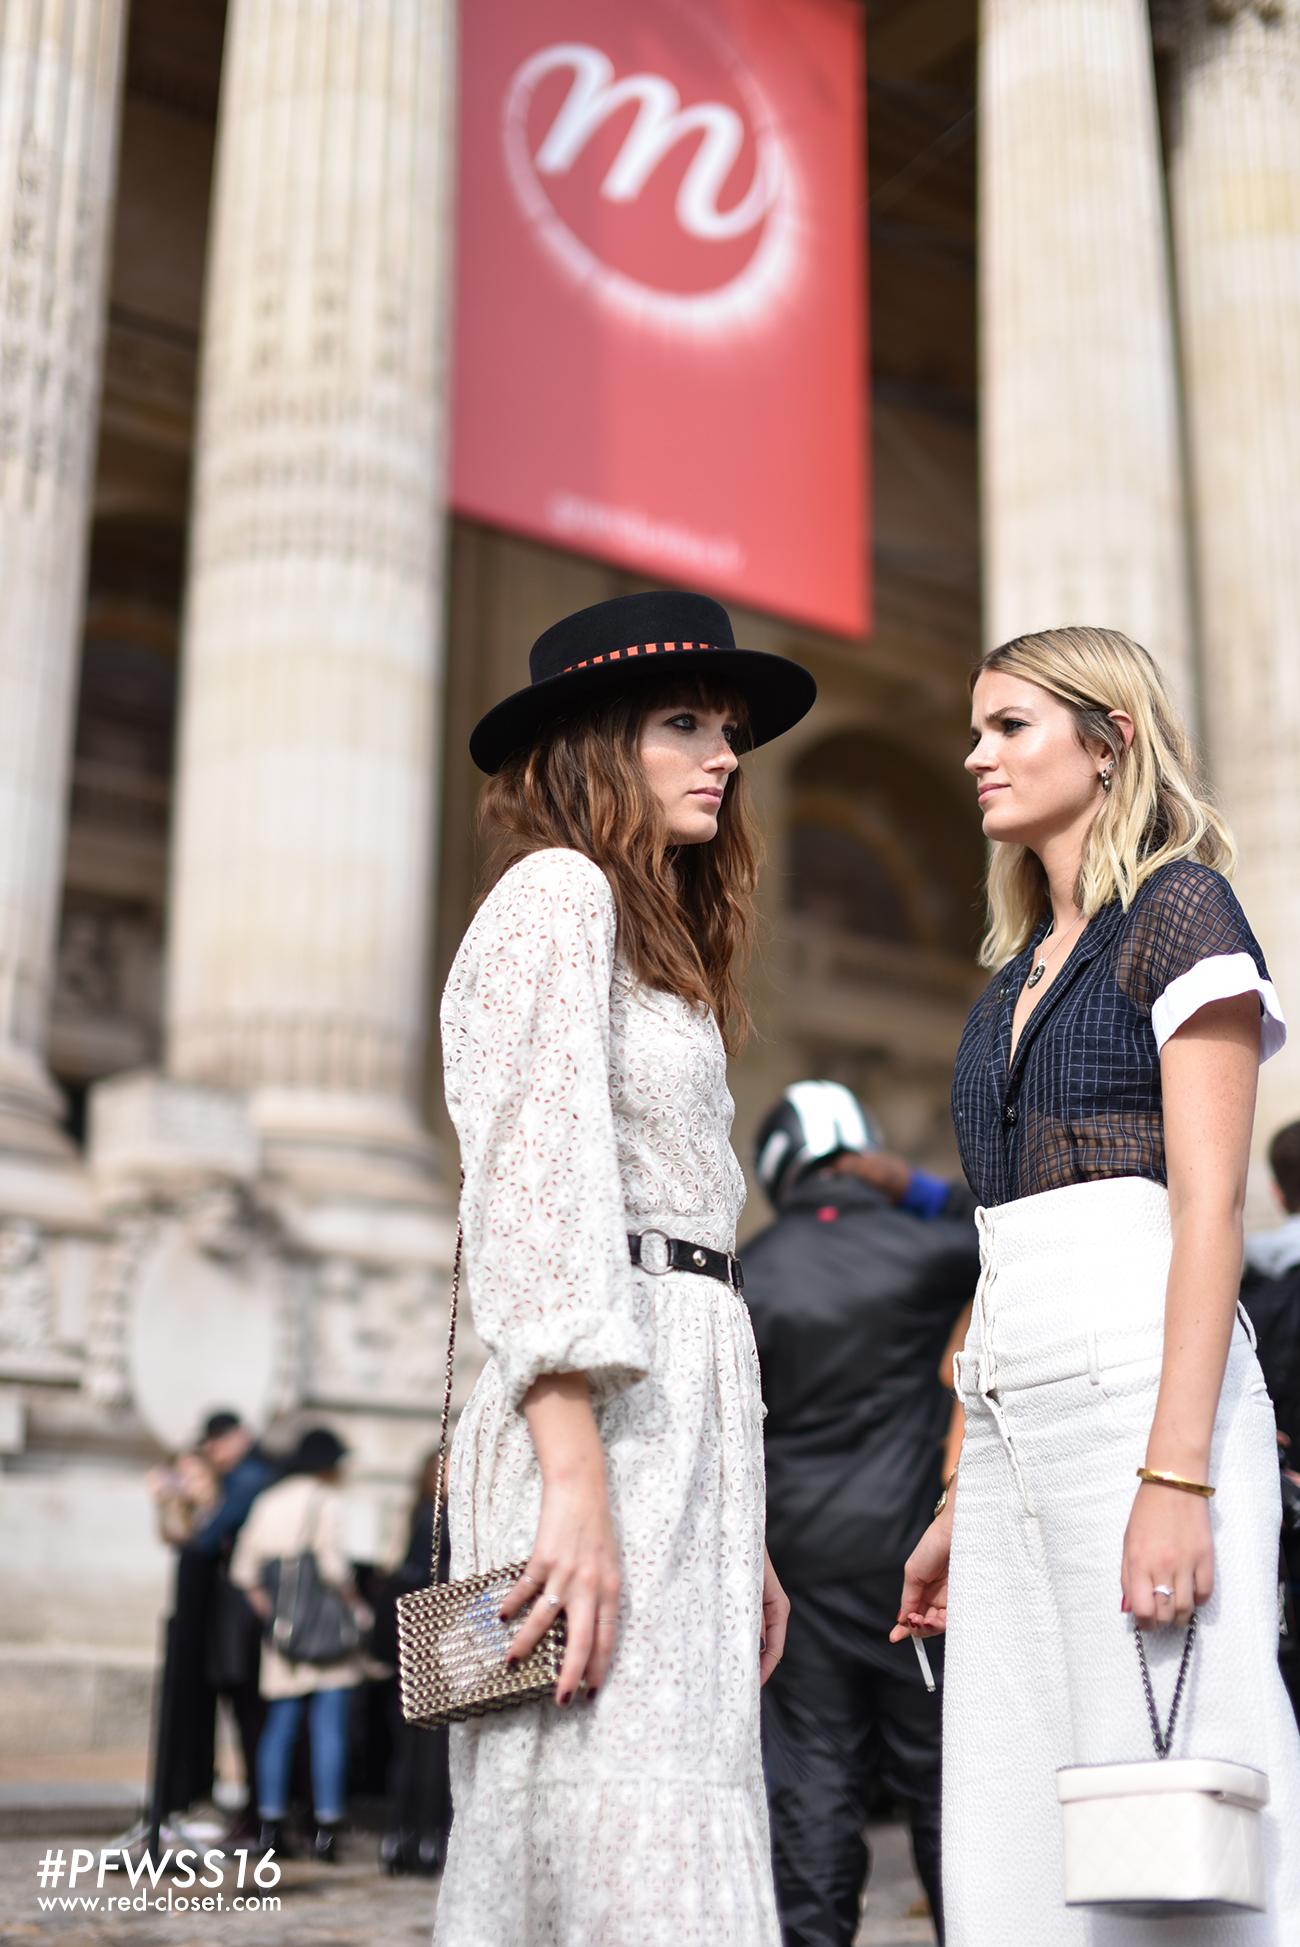 Paris-Fashion-Week-Chanel-Cynthia-Lo-21